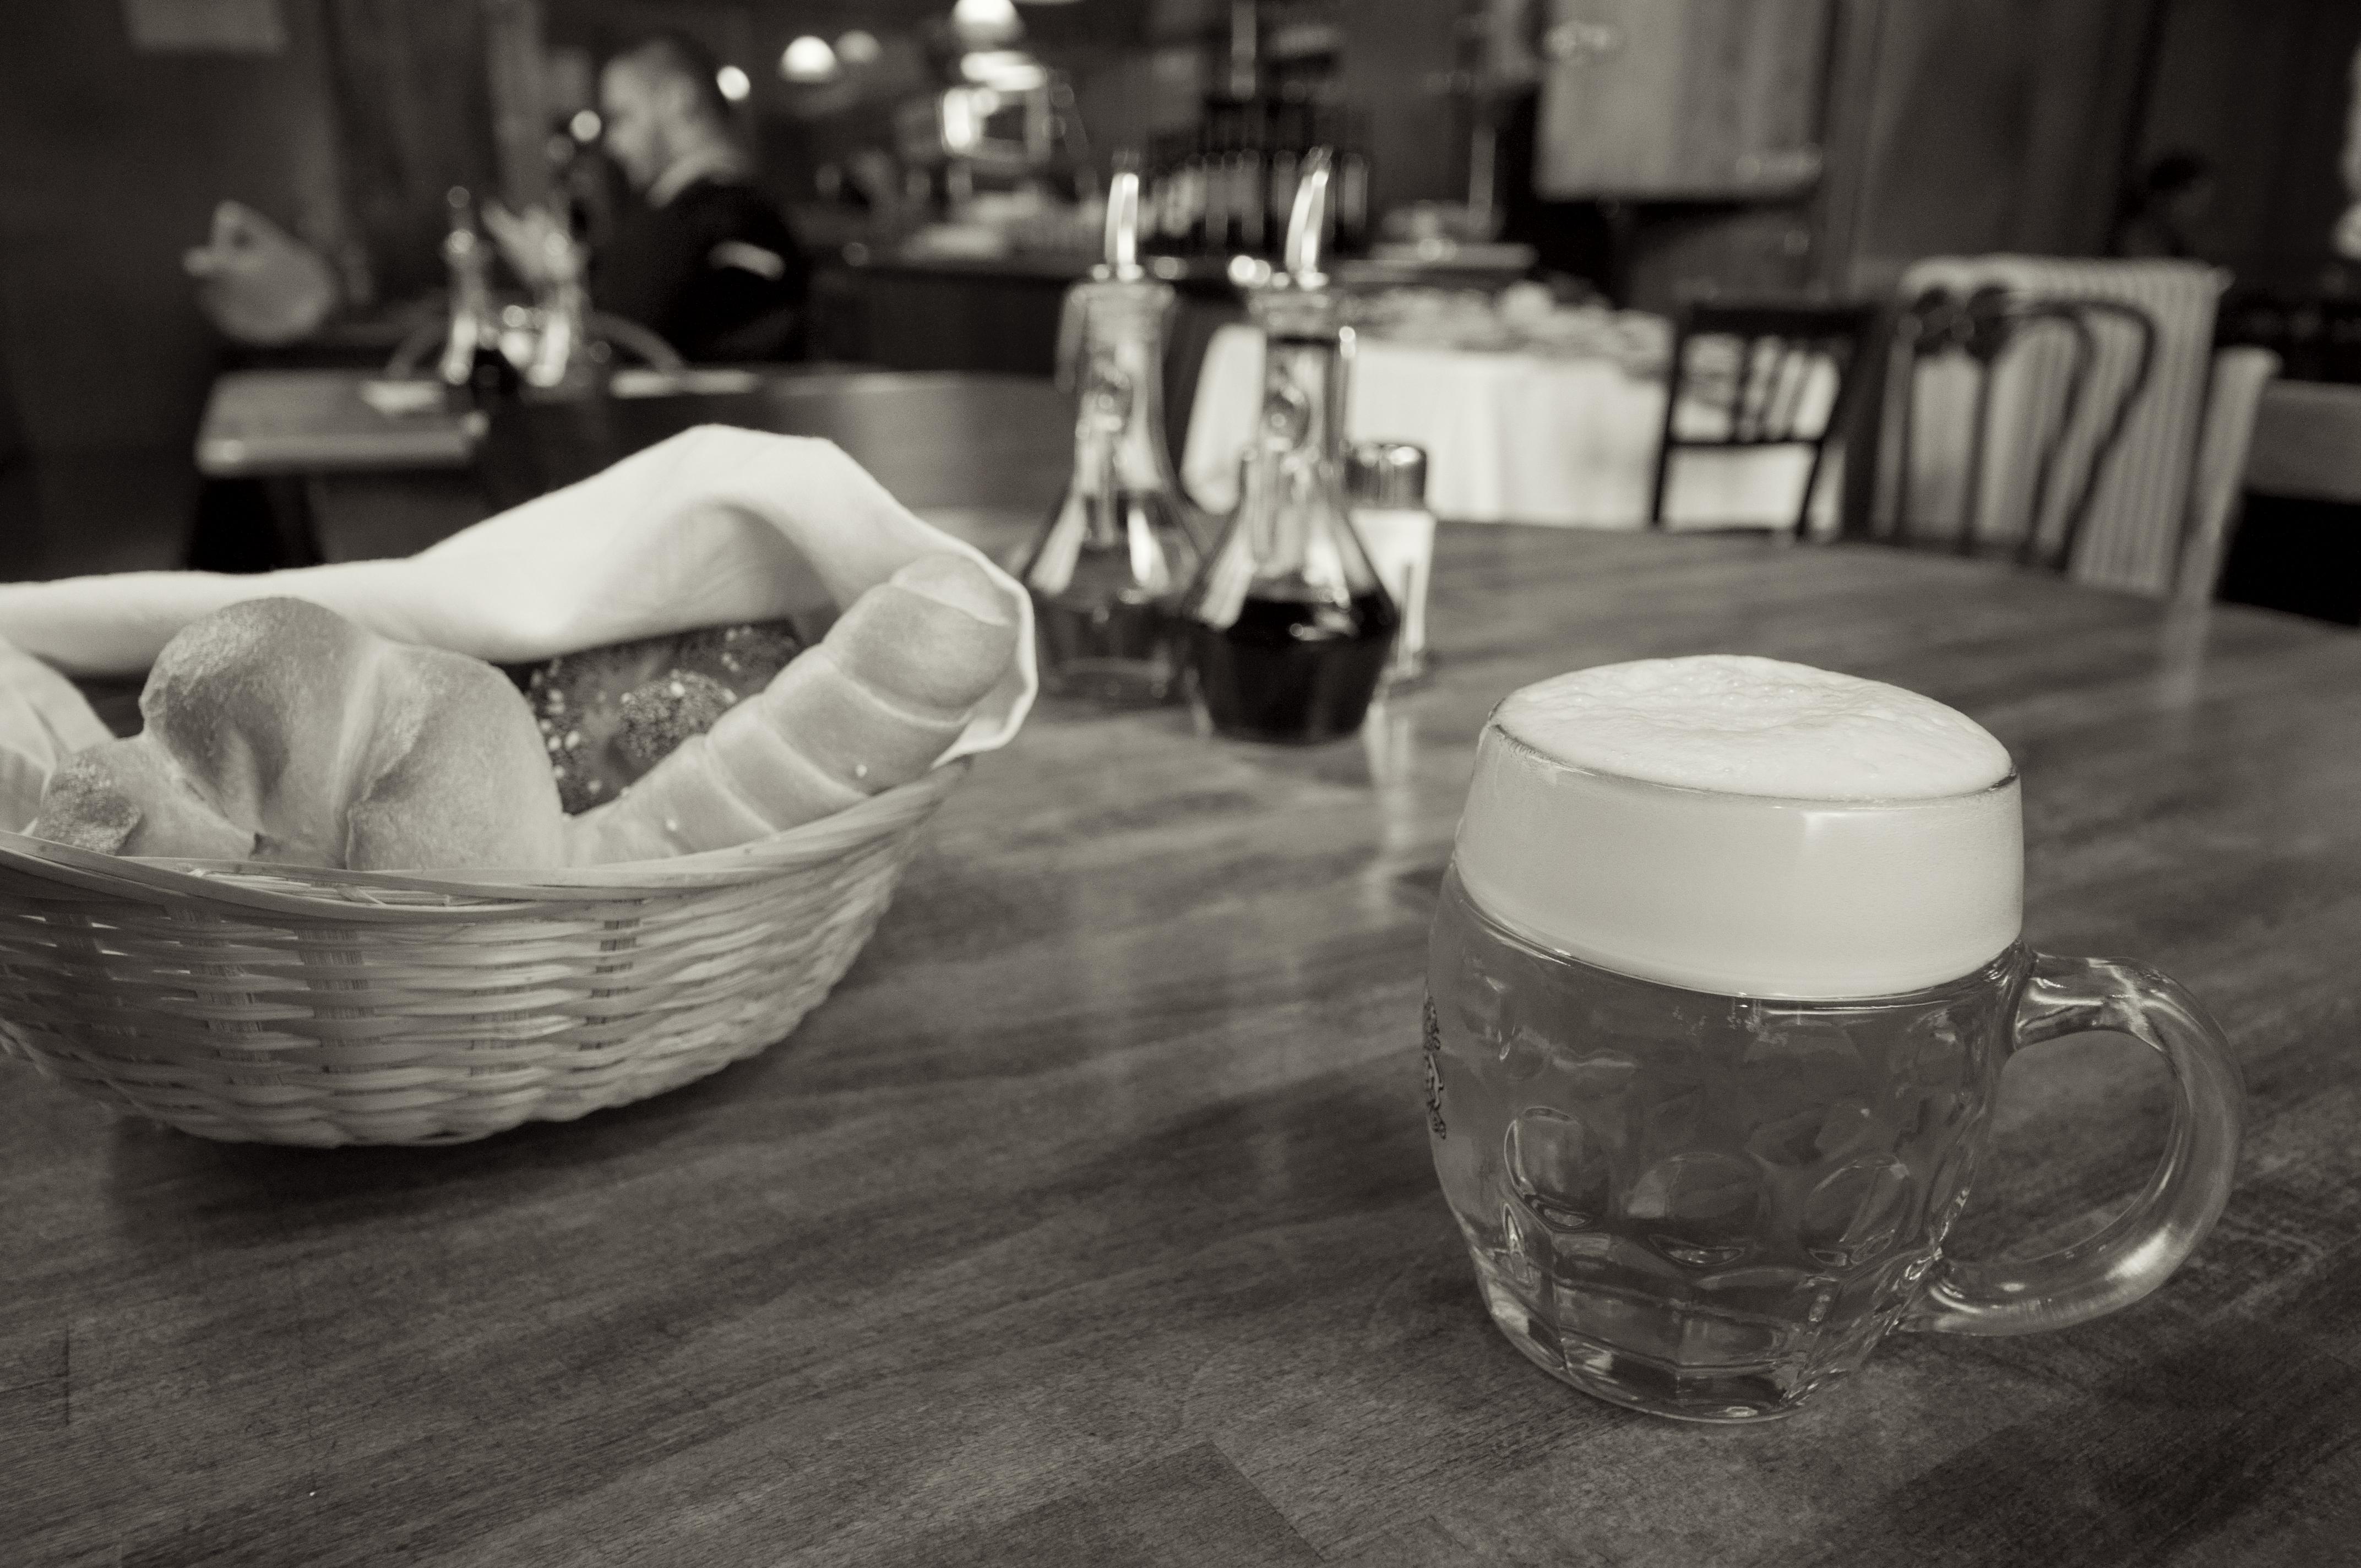 Villacher Bier auf Tisch 4